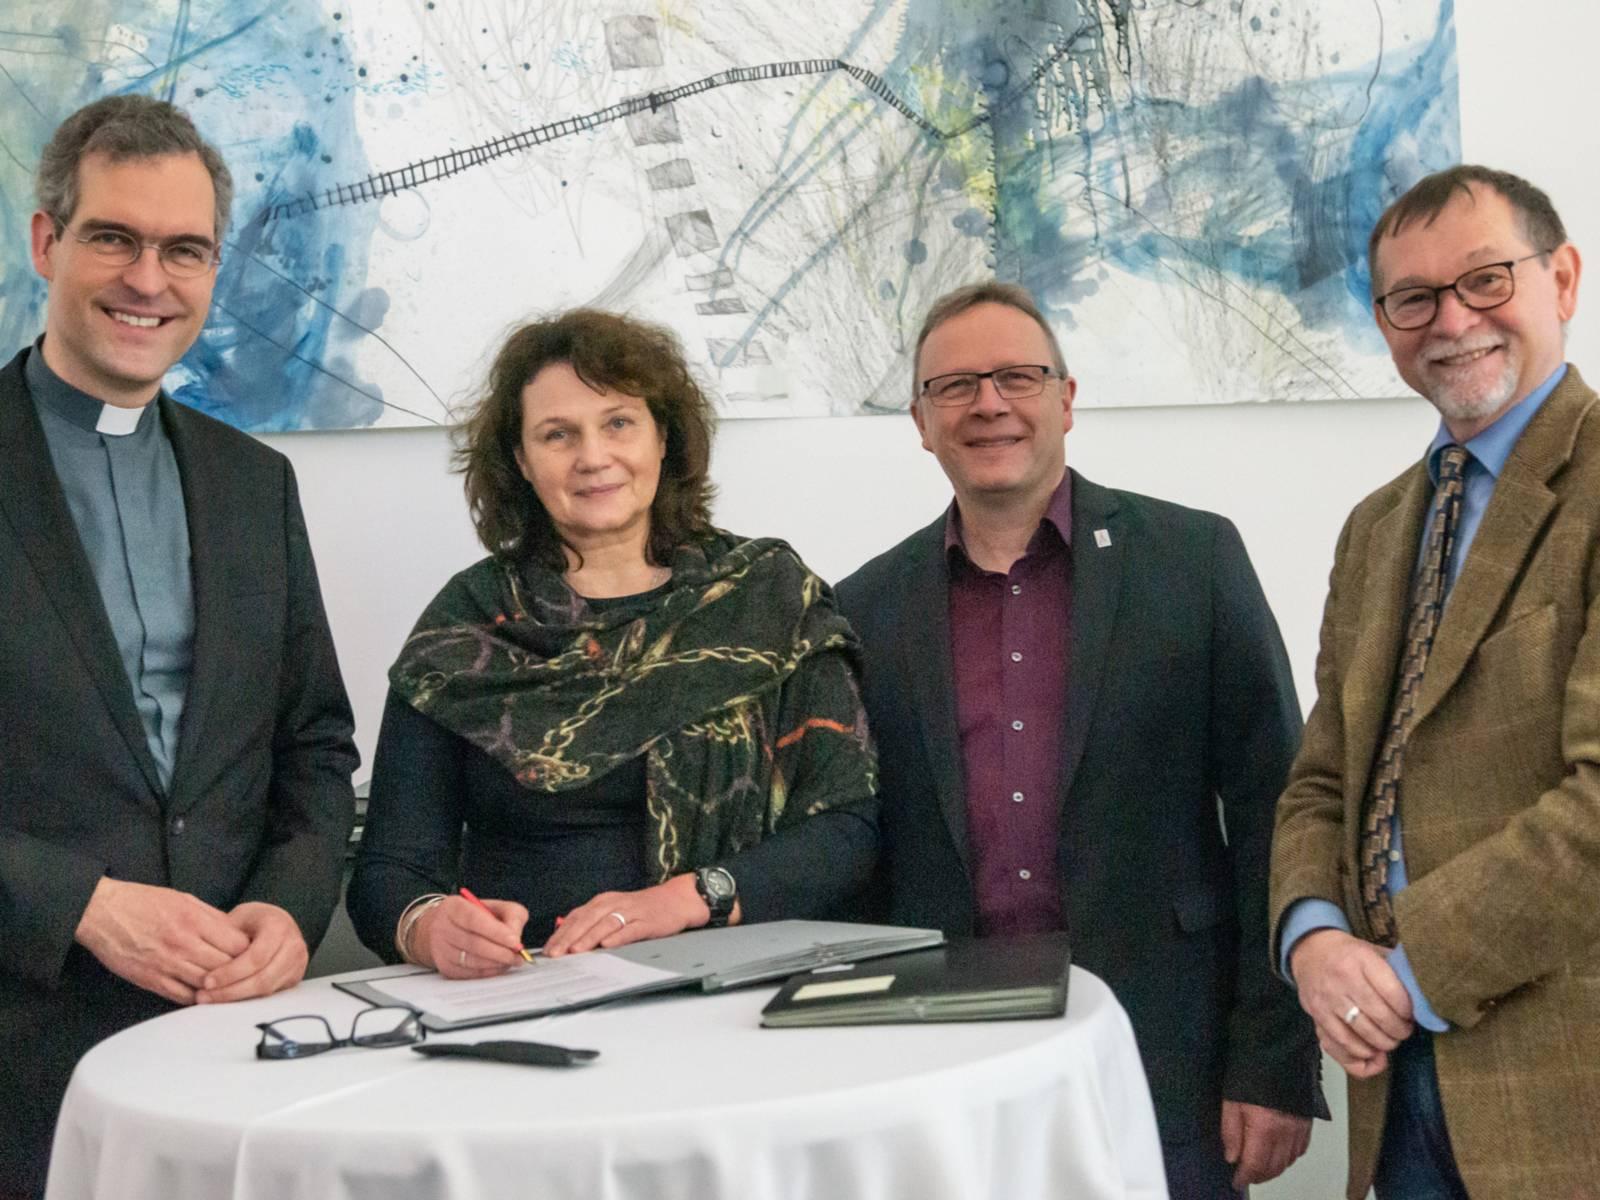 Vier Personen stehen an einem runden Tisch, auf dem Dokumente liegen